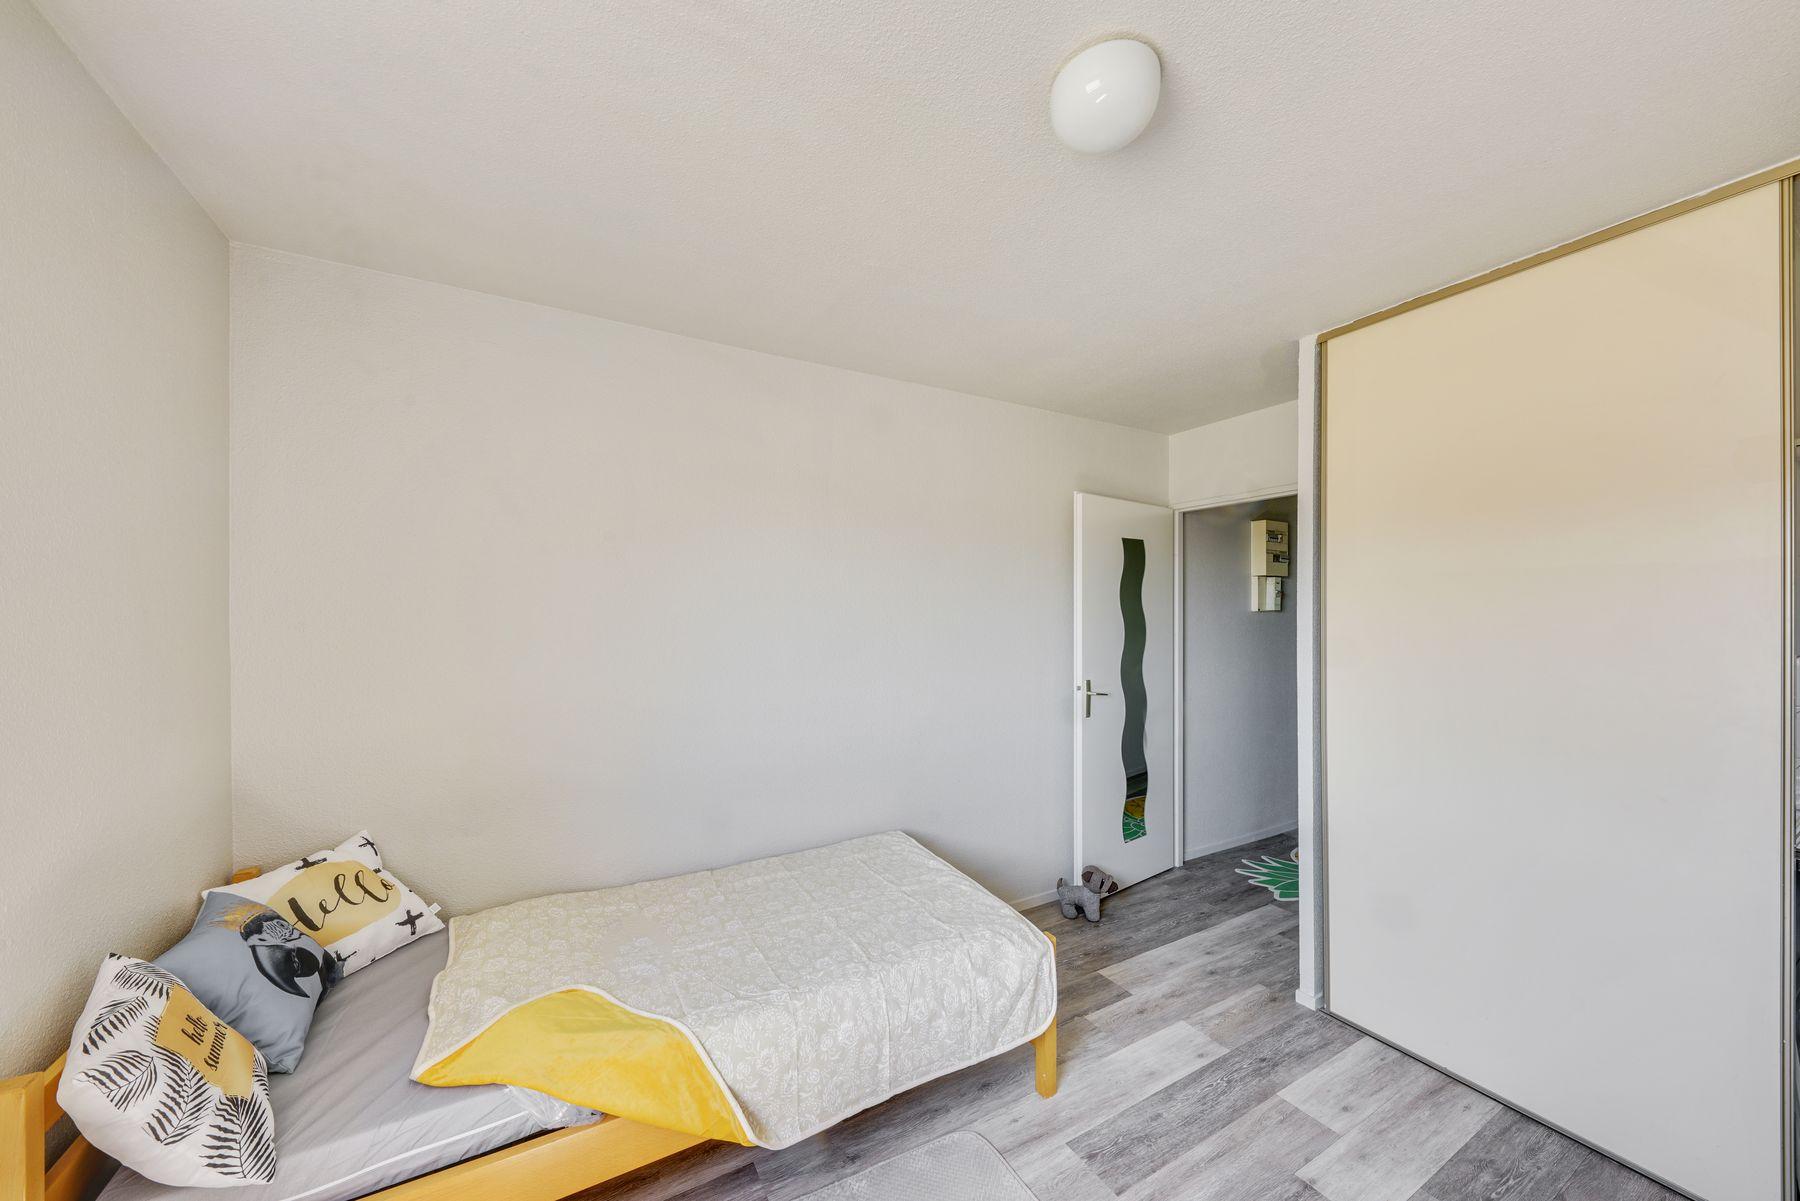 studio résidence étudiante LOGIFAC Chauvelles Nevers